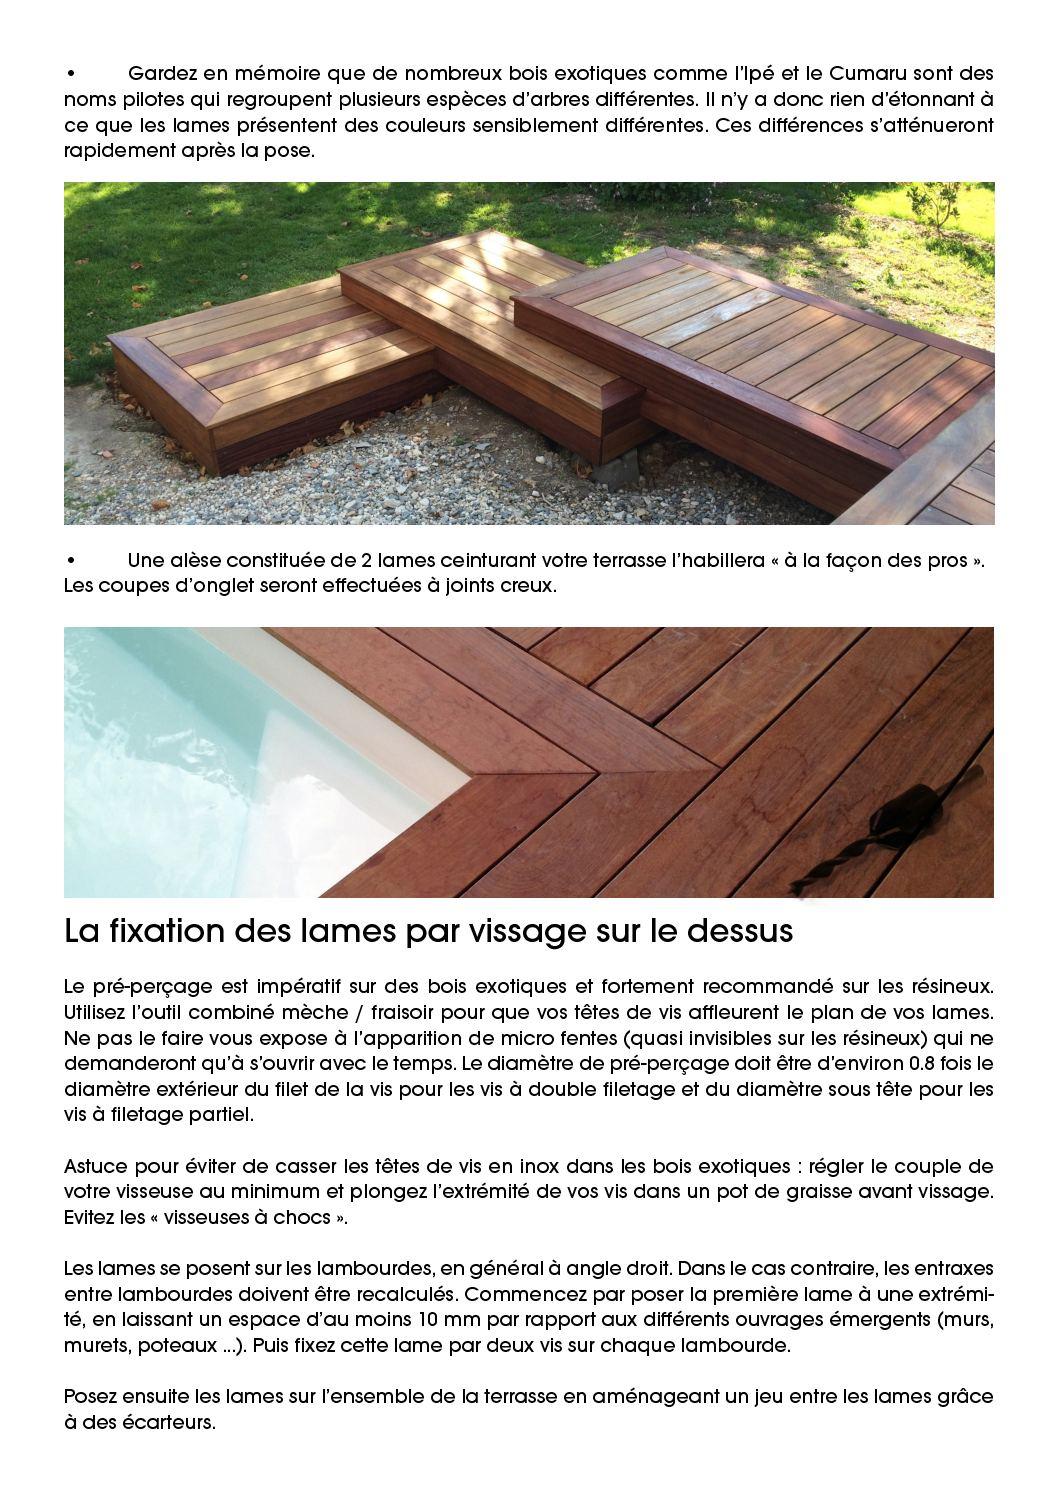 Poteau Bois Pour Terrasse conseil de pose terrasse bois nature bois concept - calameo